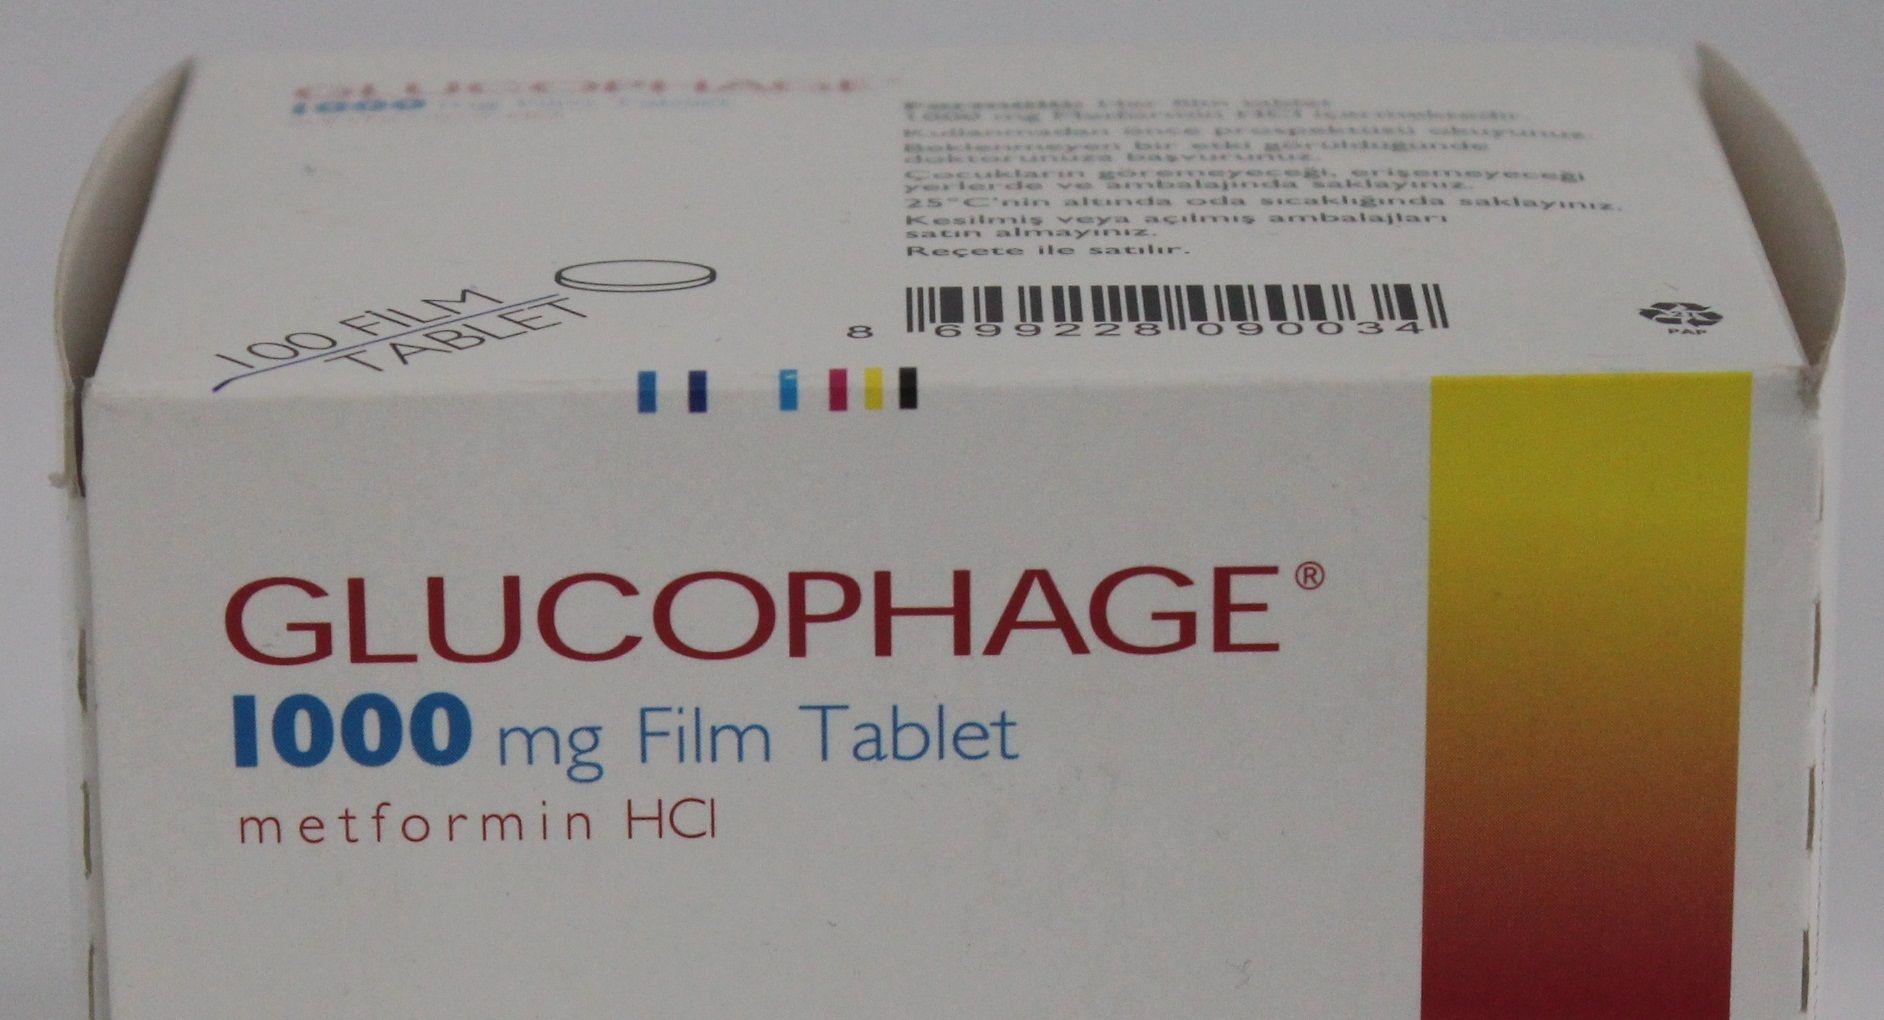 ما هي اضرار و مضاعفات جلوكوفاج 1000 موسوعة Metformin Medicine Tech Company Logos